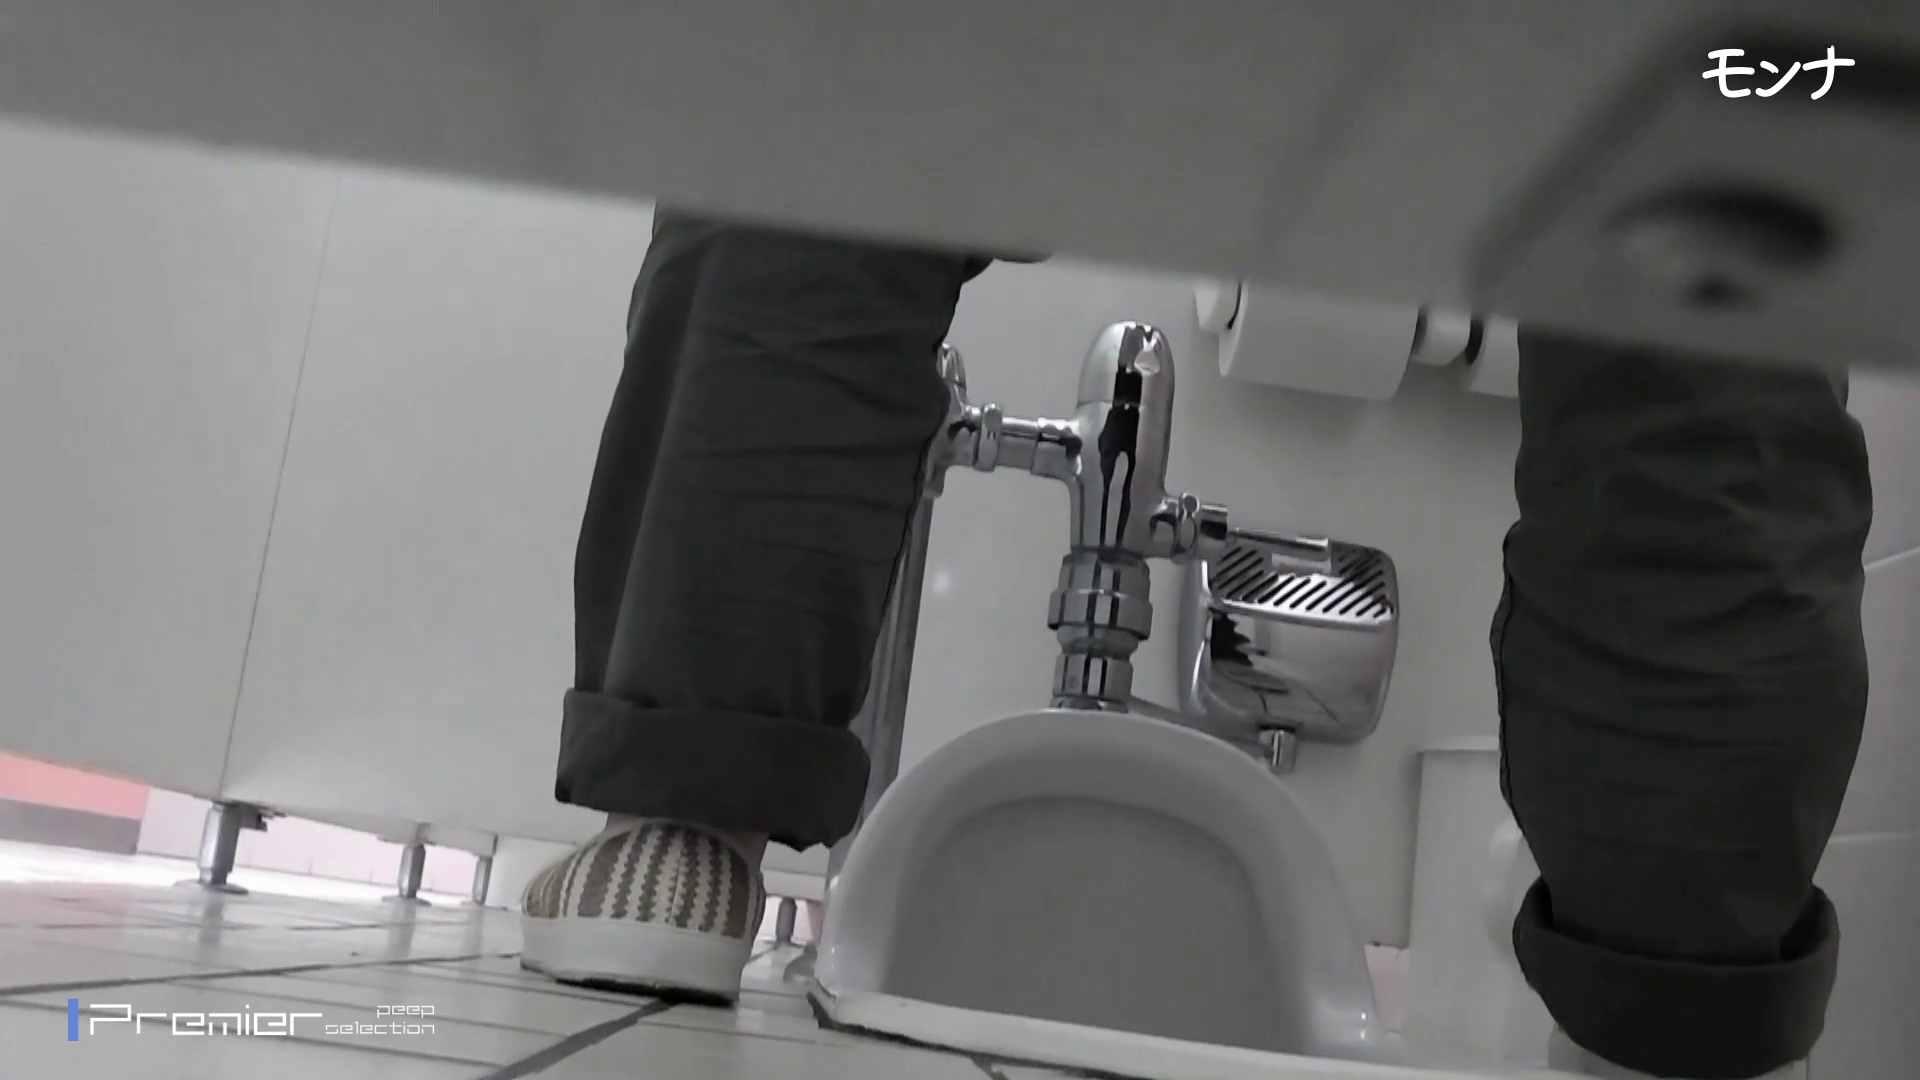 美しい日本の未来 No.69 ひやっと!終始15cmのしらすを垂らしながら・・・ おまんこ無修正 オマンコ無修正動画無料 72pic 18